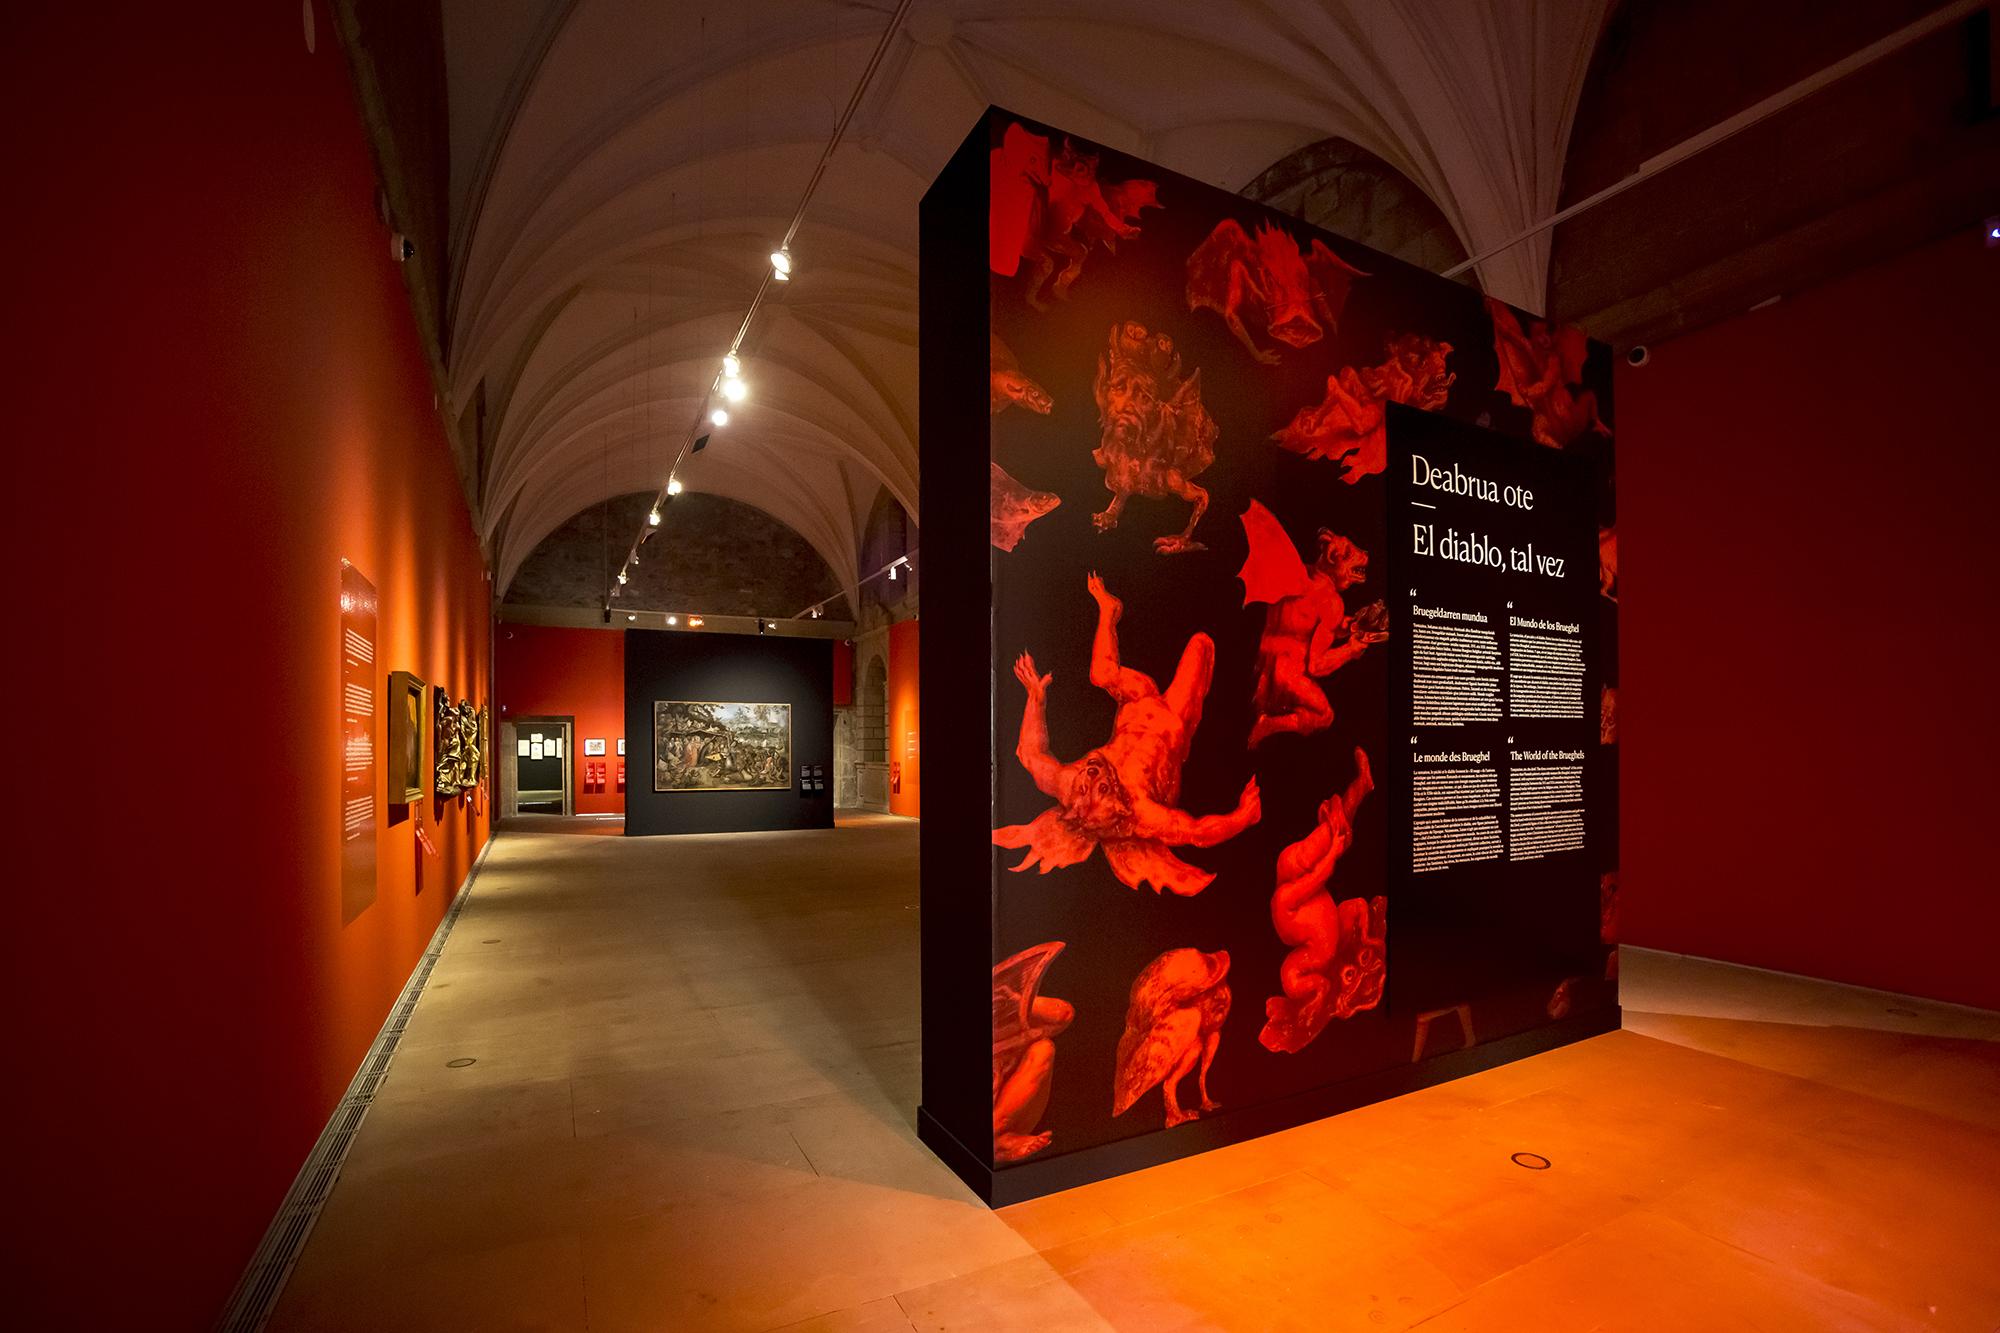 El diablo, tal vez. El mundo de los Brueghel. Foto: Donostia Kultura